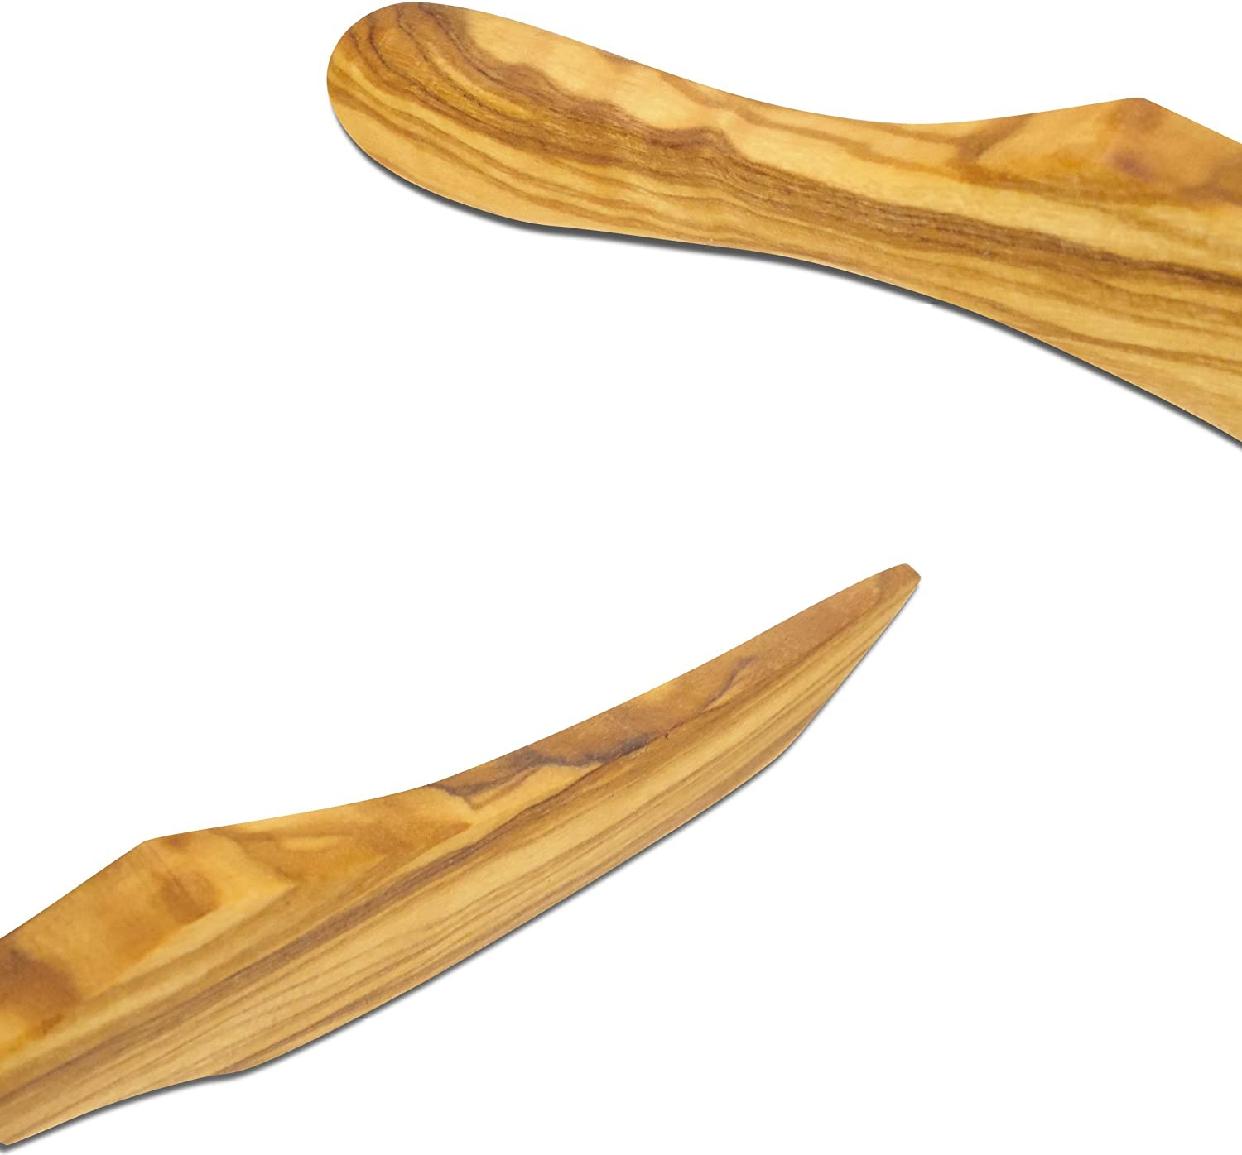 THE OLIVEs(ザ オリーブス)オリーブ バターナイフ 19cmの商品画像2